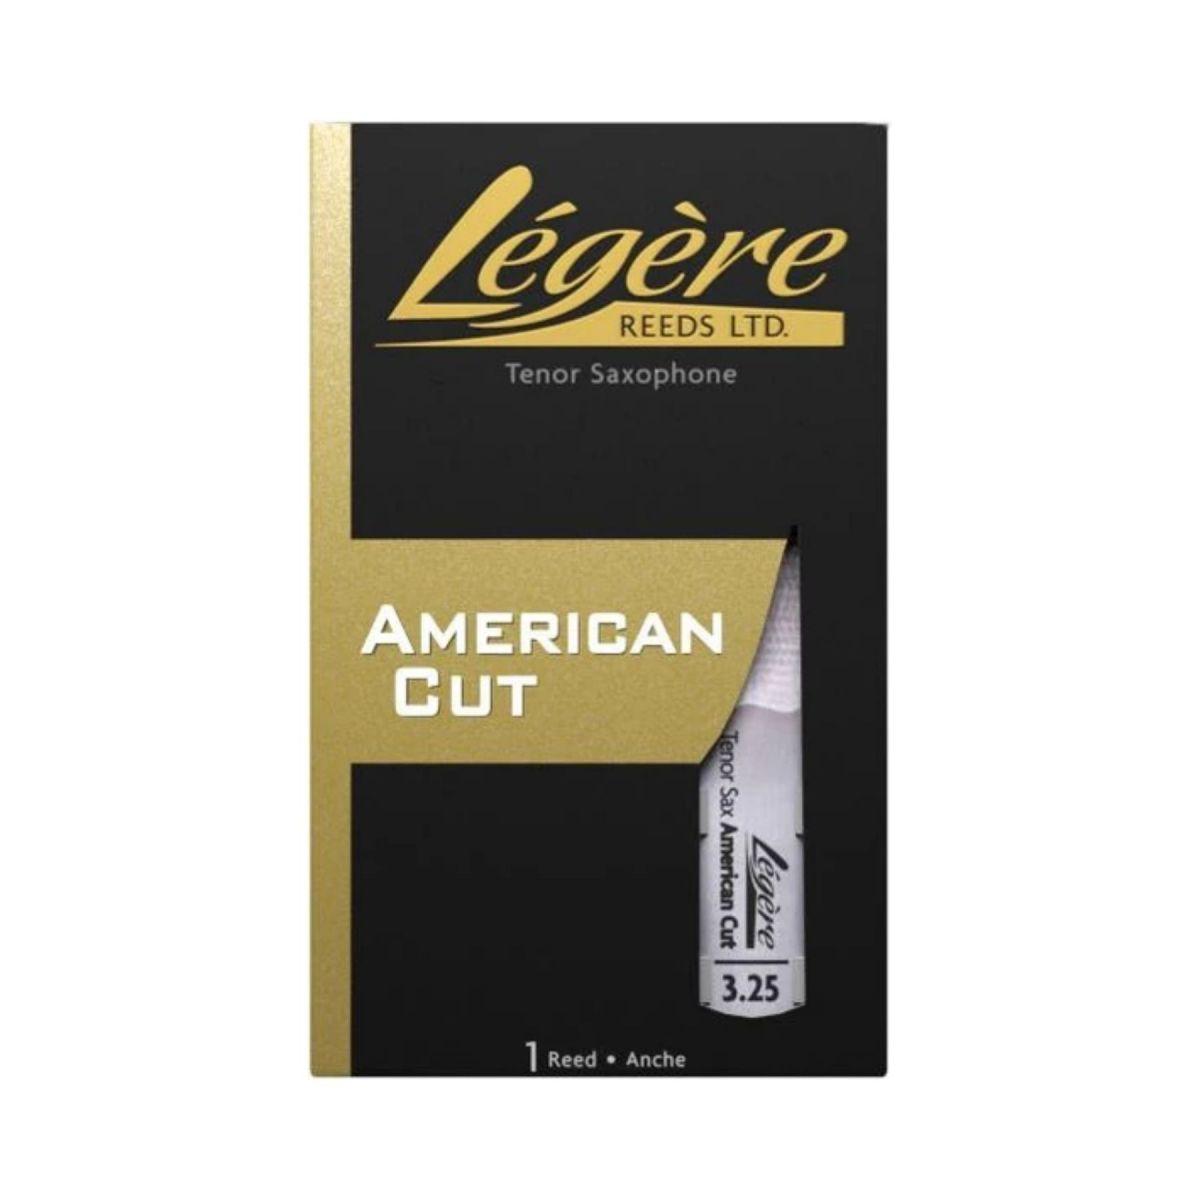 Ancia Sax Tenore Legere American Cut n.3,25 singola